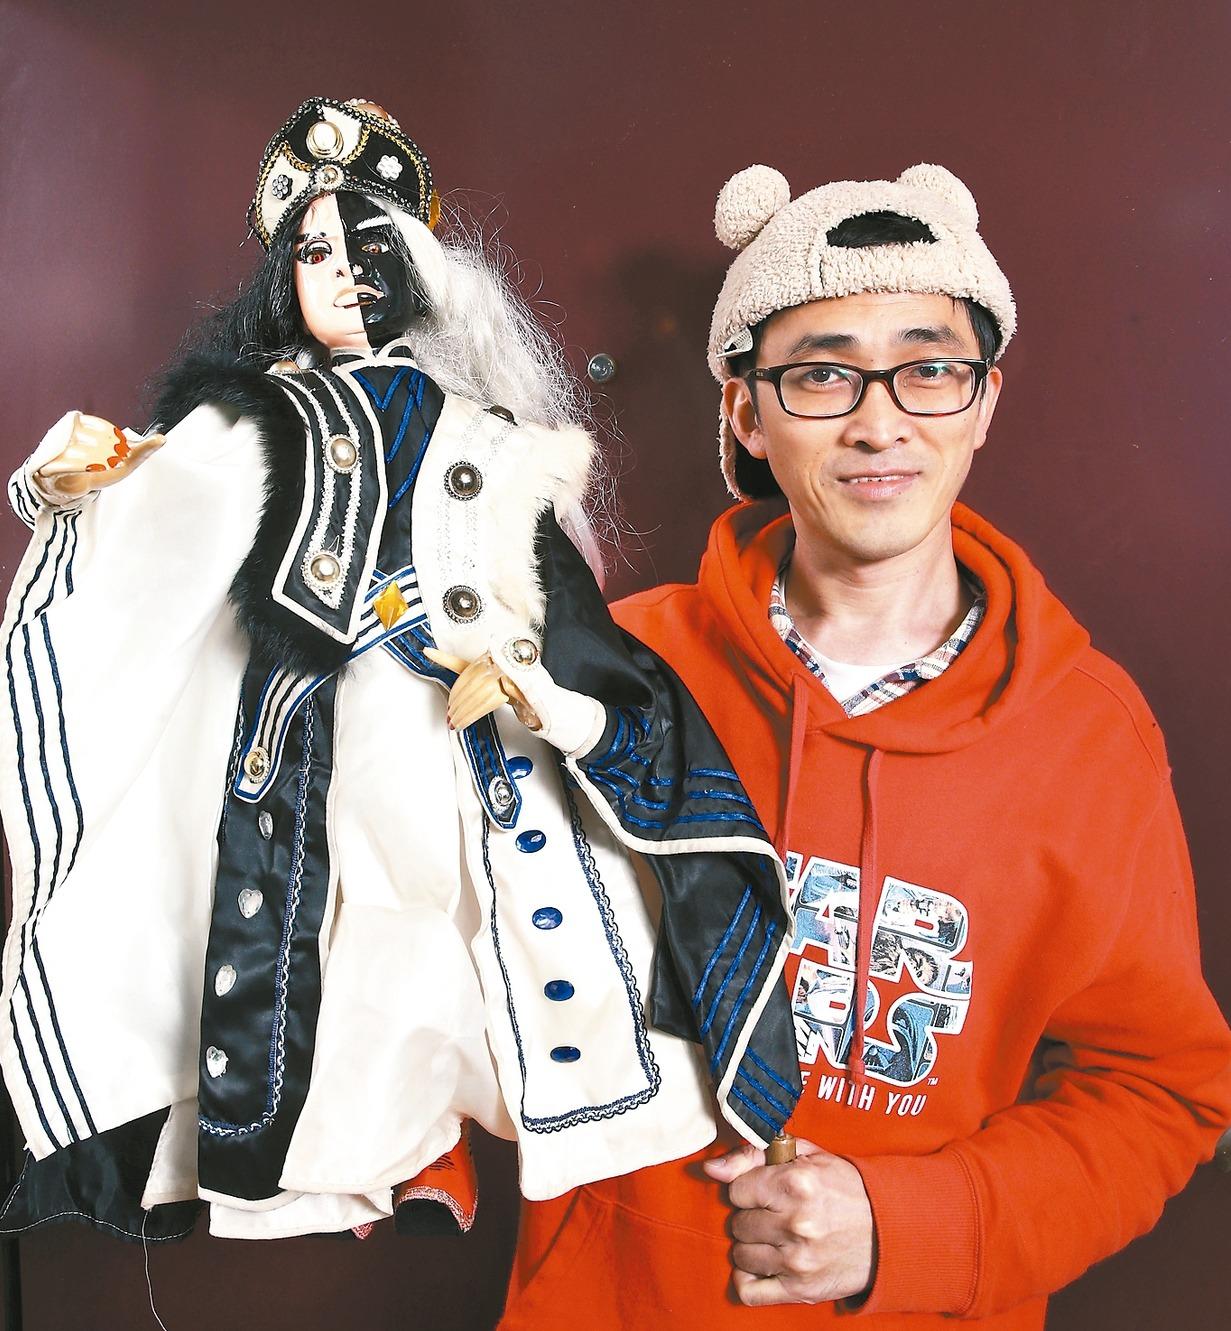 因為這尊朋友送的黑白郎君戲偶,讓邱豐榮開始收藏戲偶,進而投入布袋戲的演出。 記者...